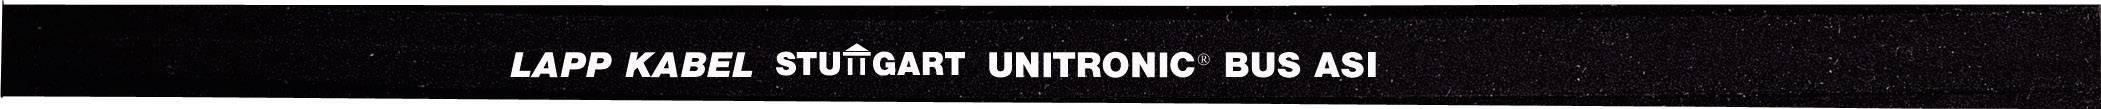 Sběrnicový kabel LappKabel UNITRONIC® BUS 2170843, černá, 500 m